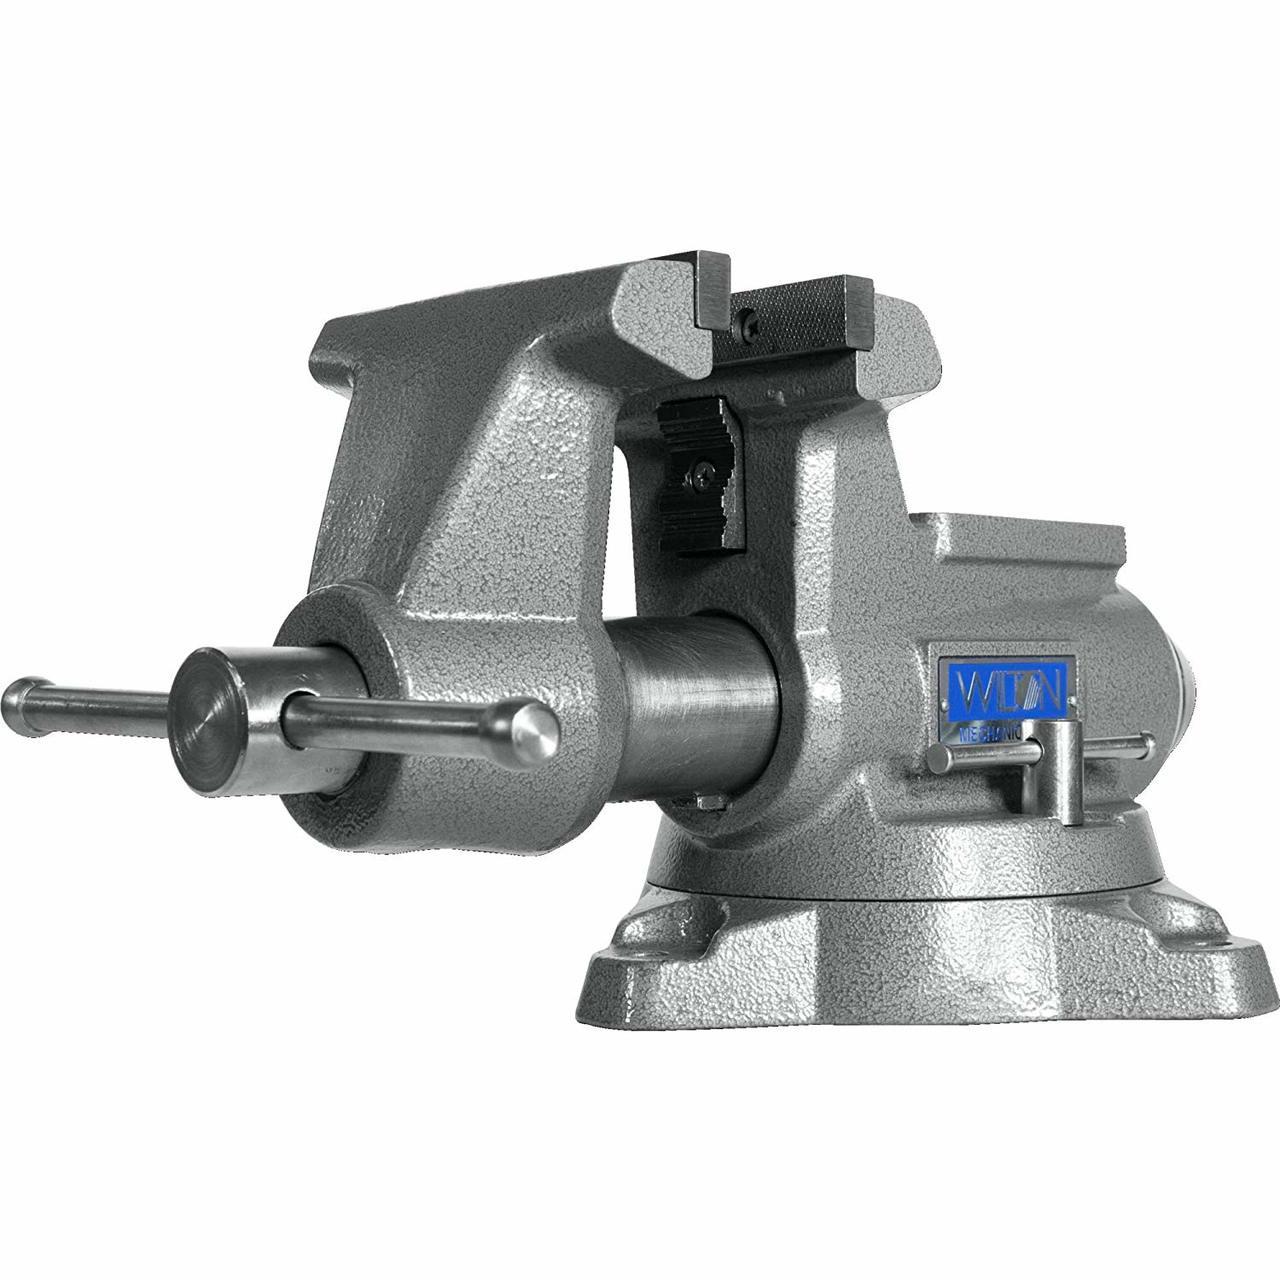 """360 Swivel Base Wilton 28819 Utility Bench Vise 5-1//2 Jaw 5/"""" Jaw Opening"""